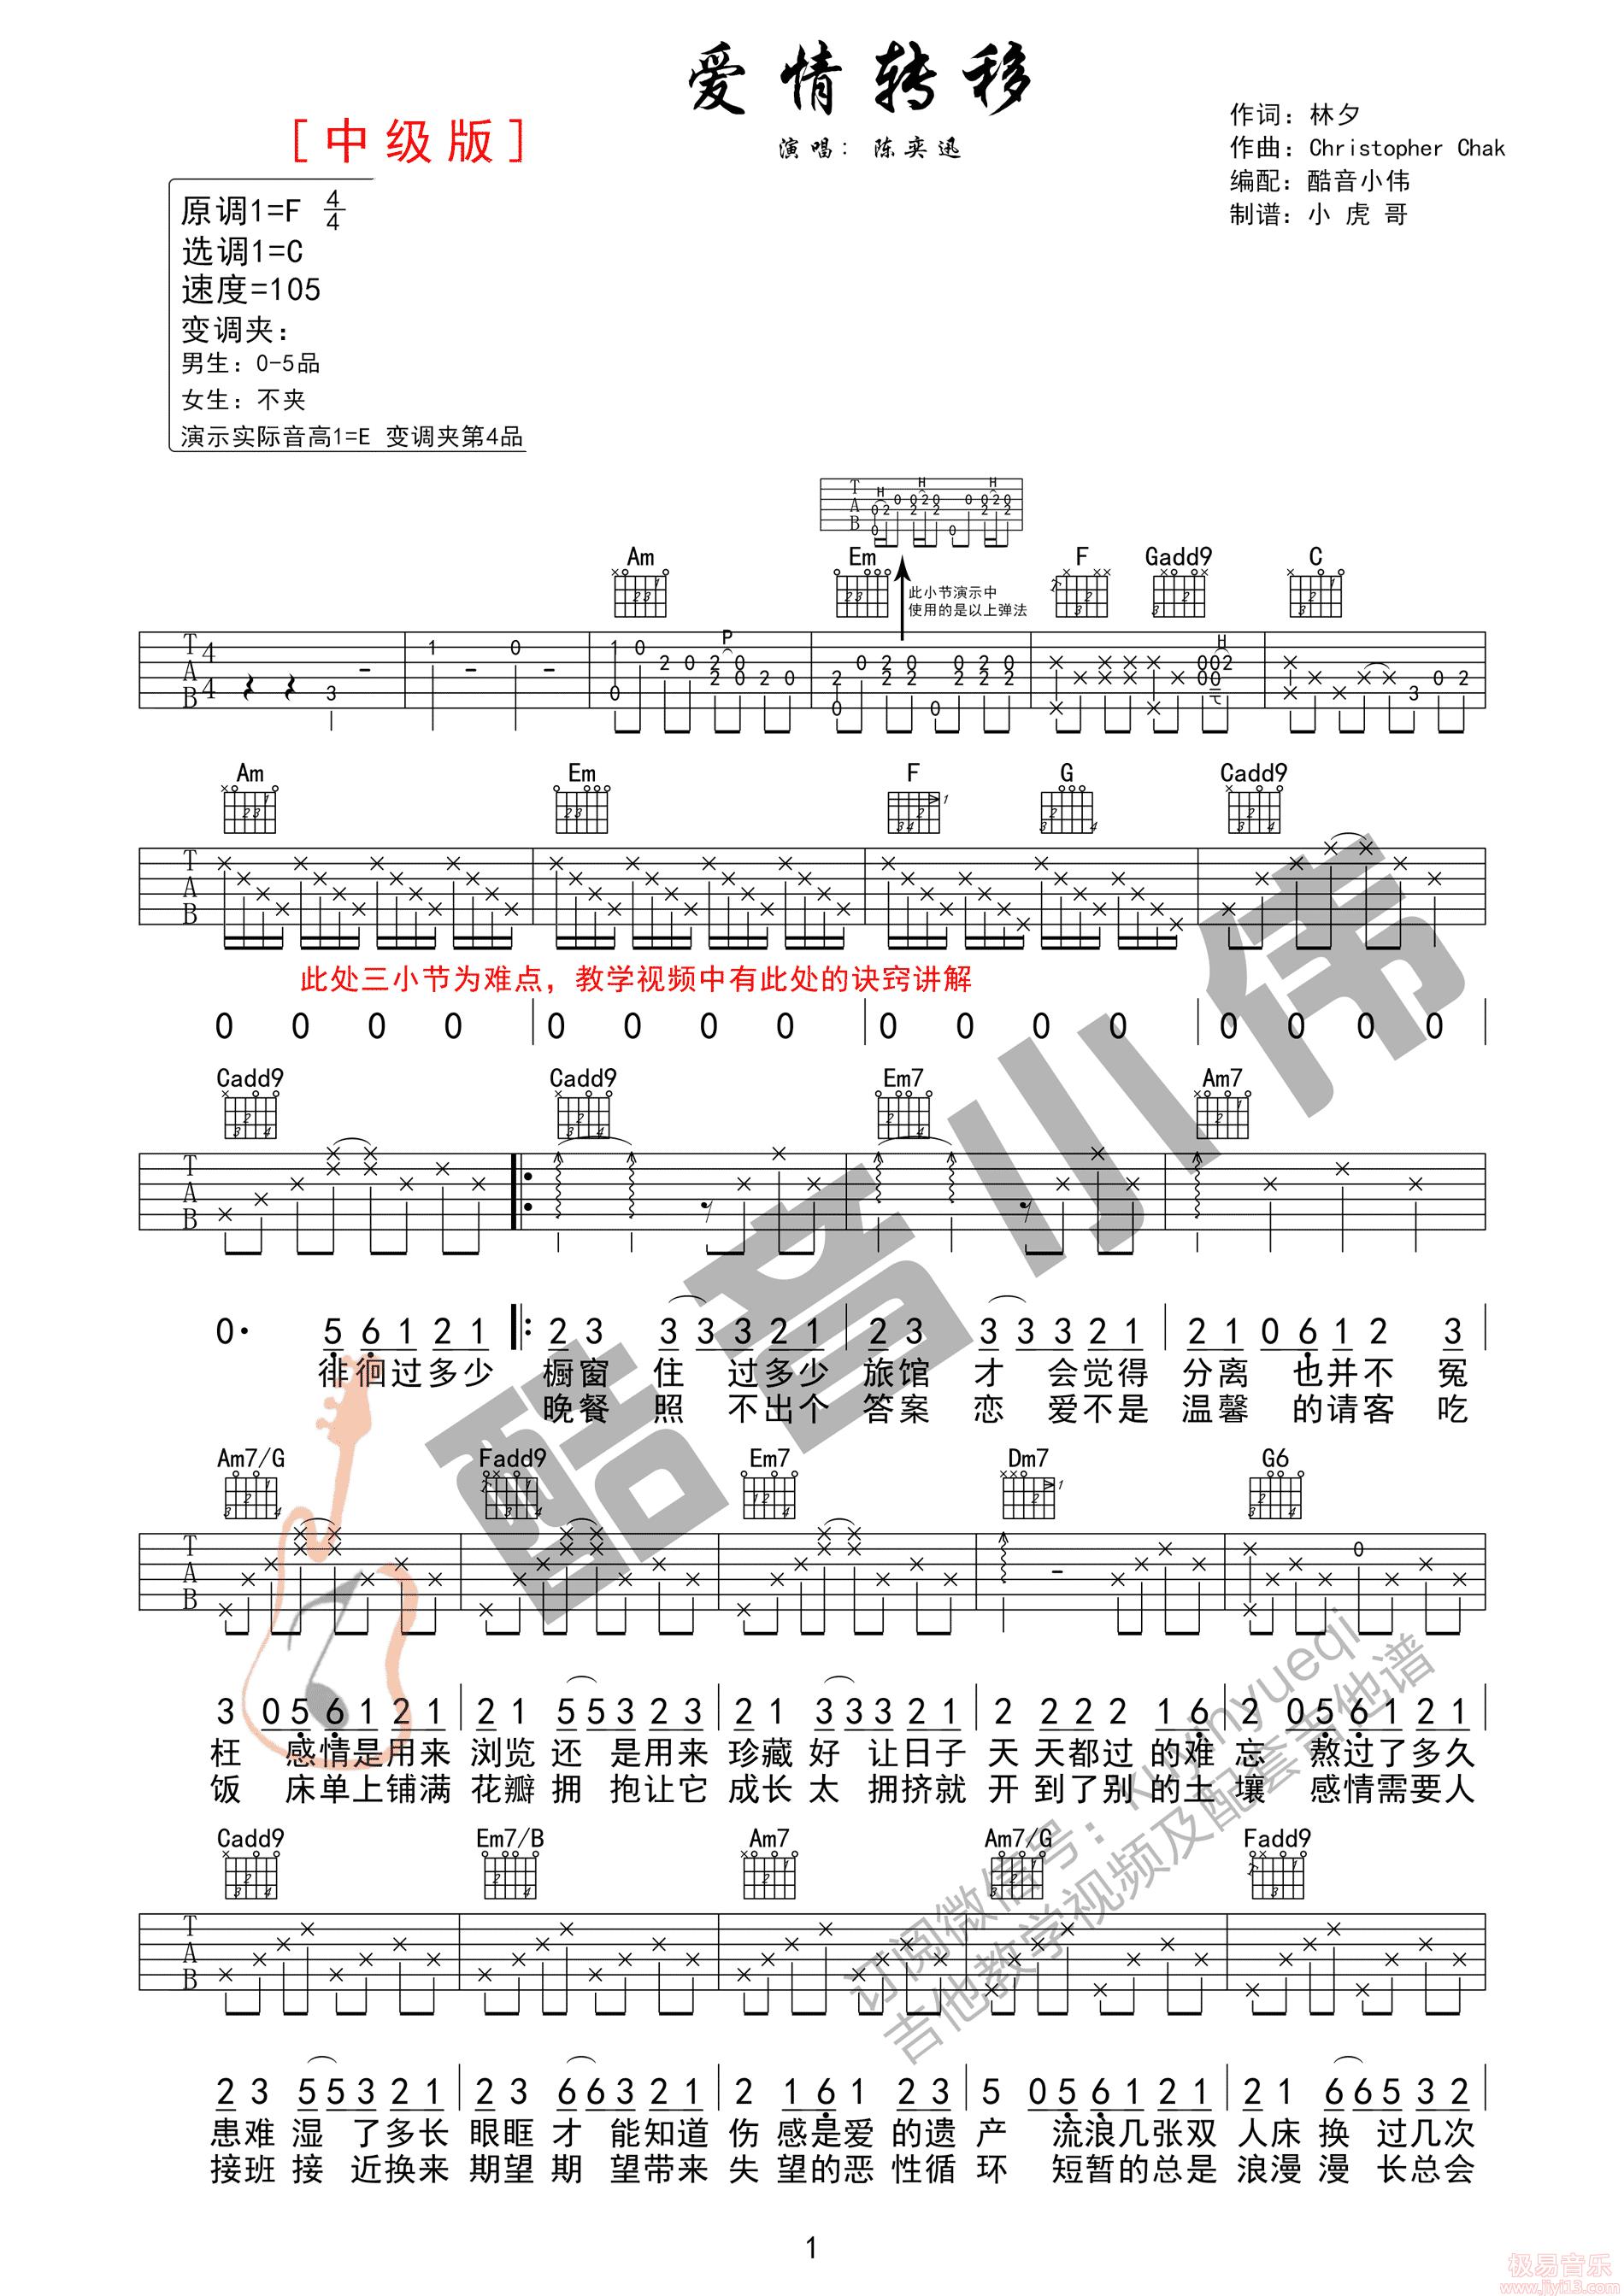 陈奕迅《爱情转移》高清吉他弹唱谱F调完美版原版编配+视频教学